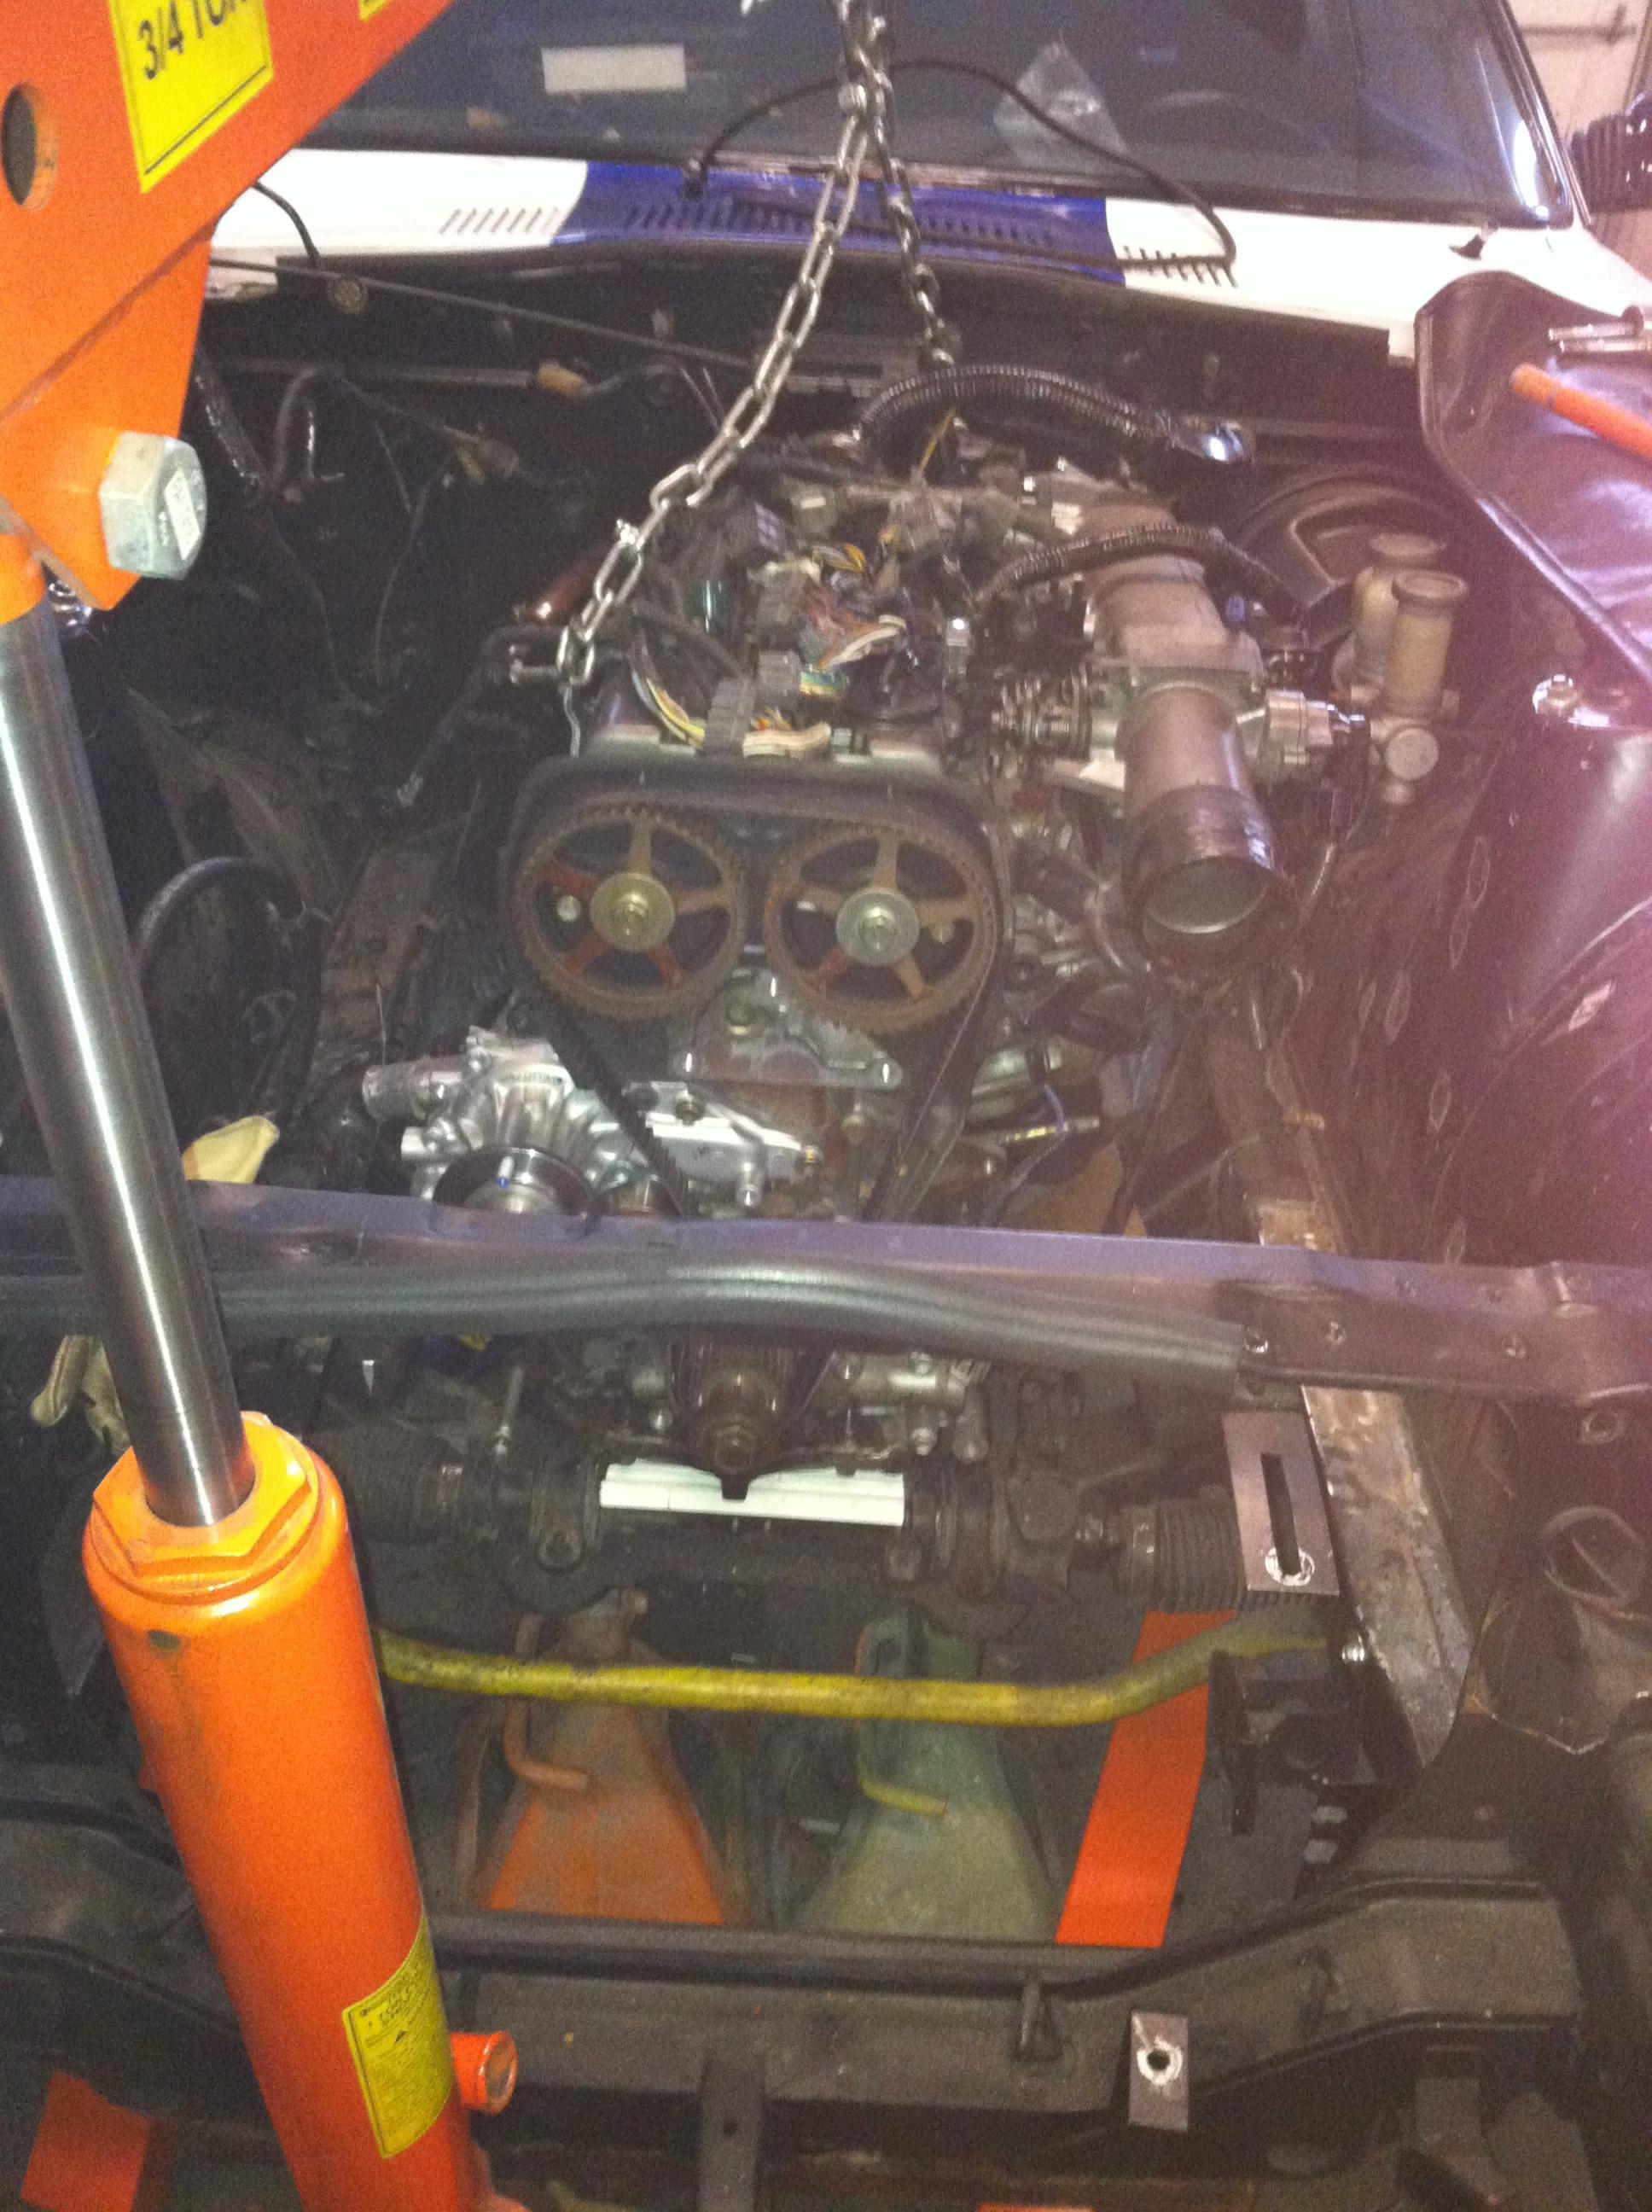 My 76 280z 1jz build thread - Toyota L6 Forum - HybridZ